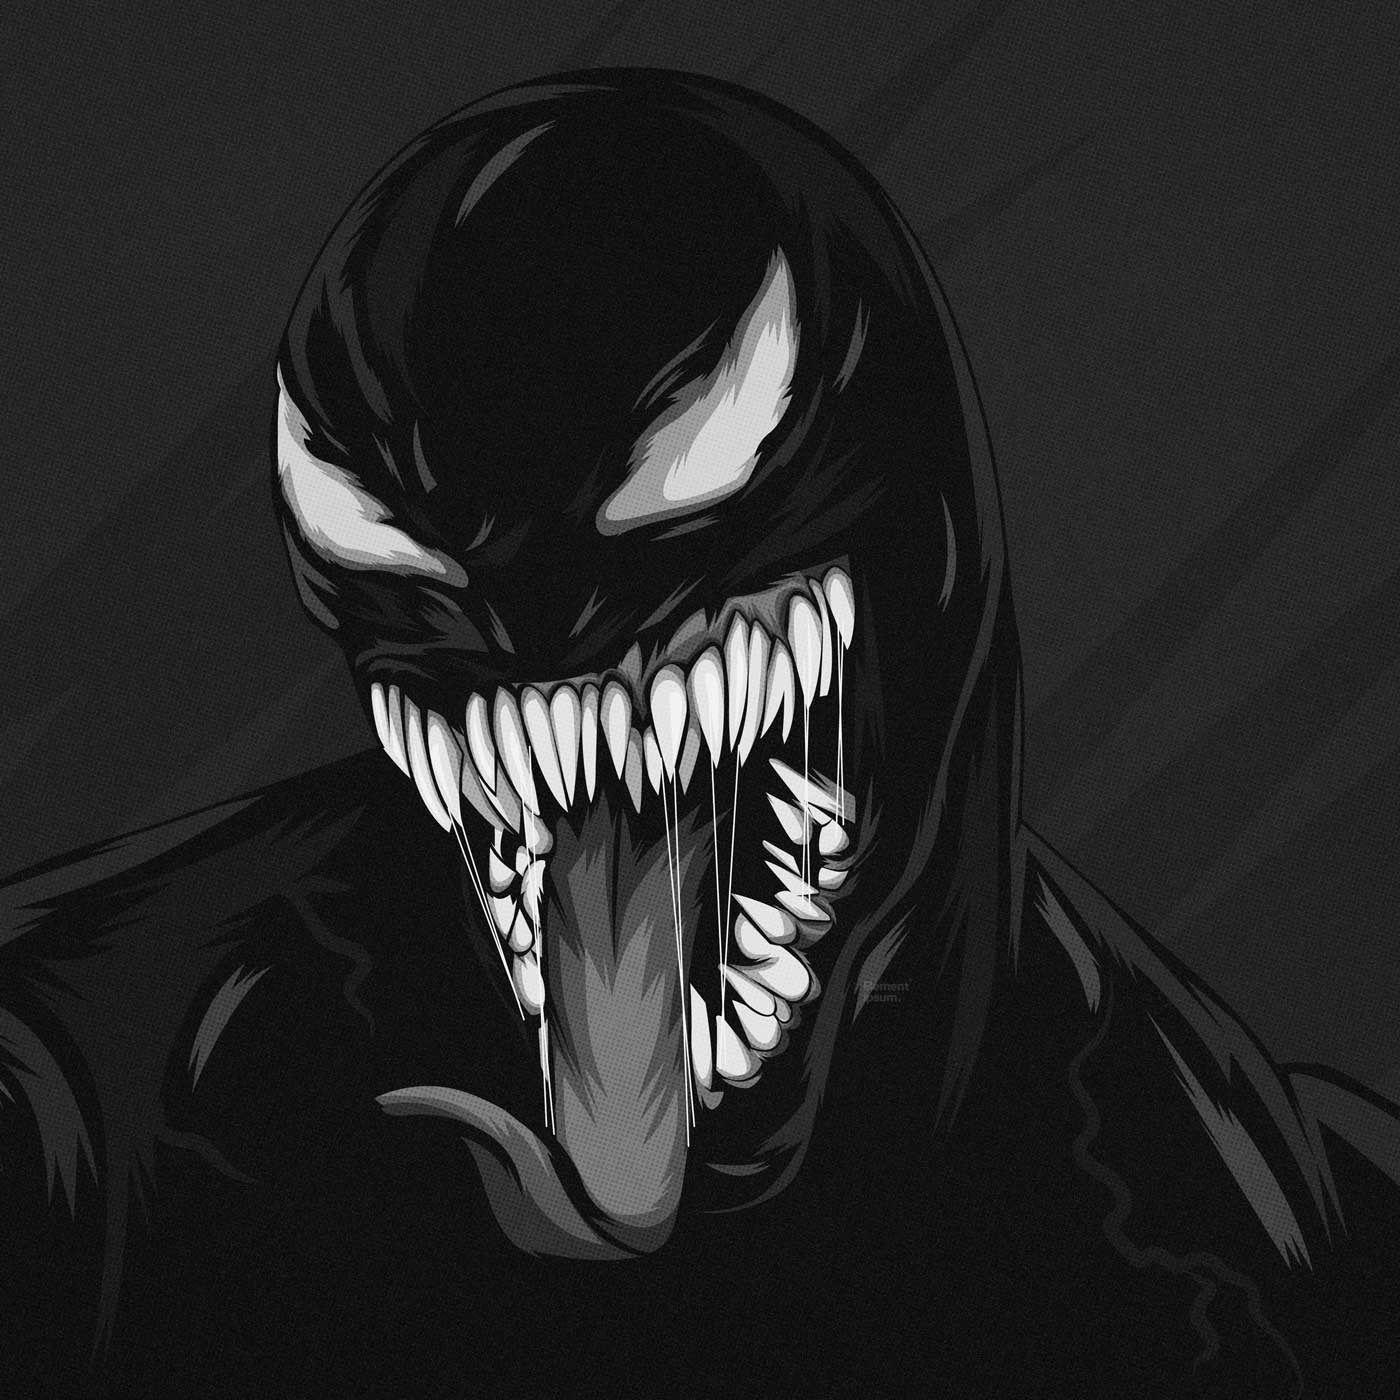 Venom Black White Wallpaper Black And White Wallpaper Black And White White Wallpaper